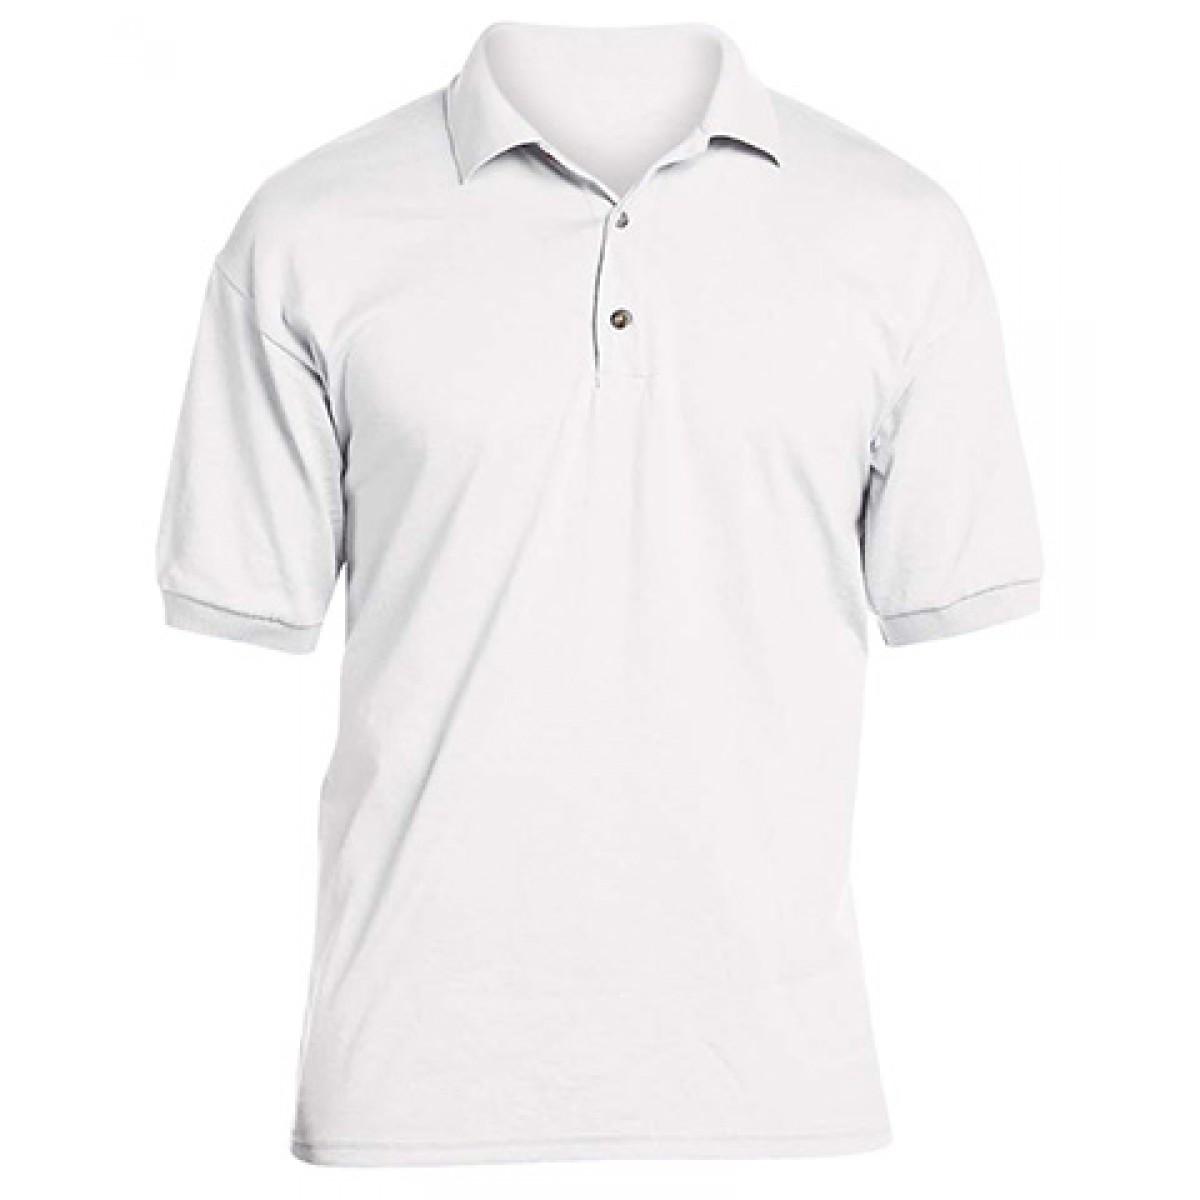 Jersey Polo 50/50 -White-XL